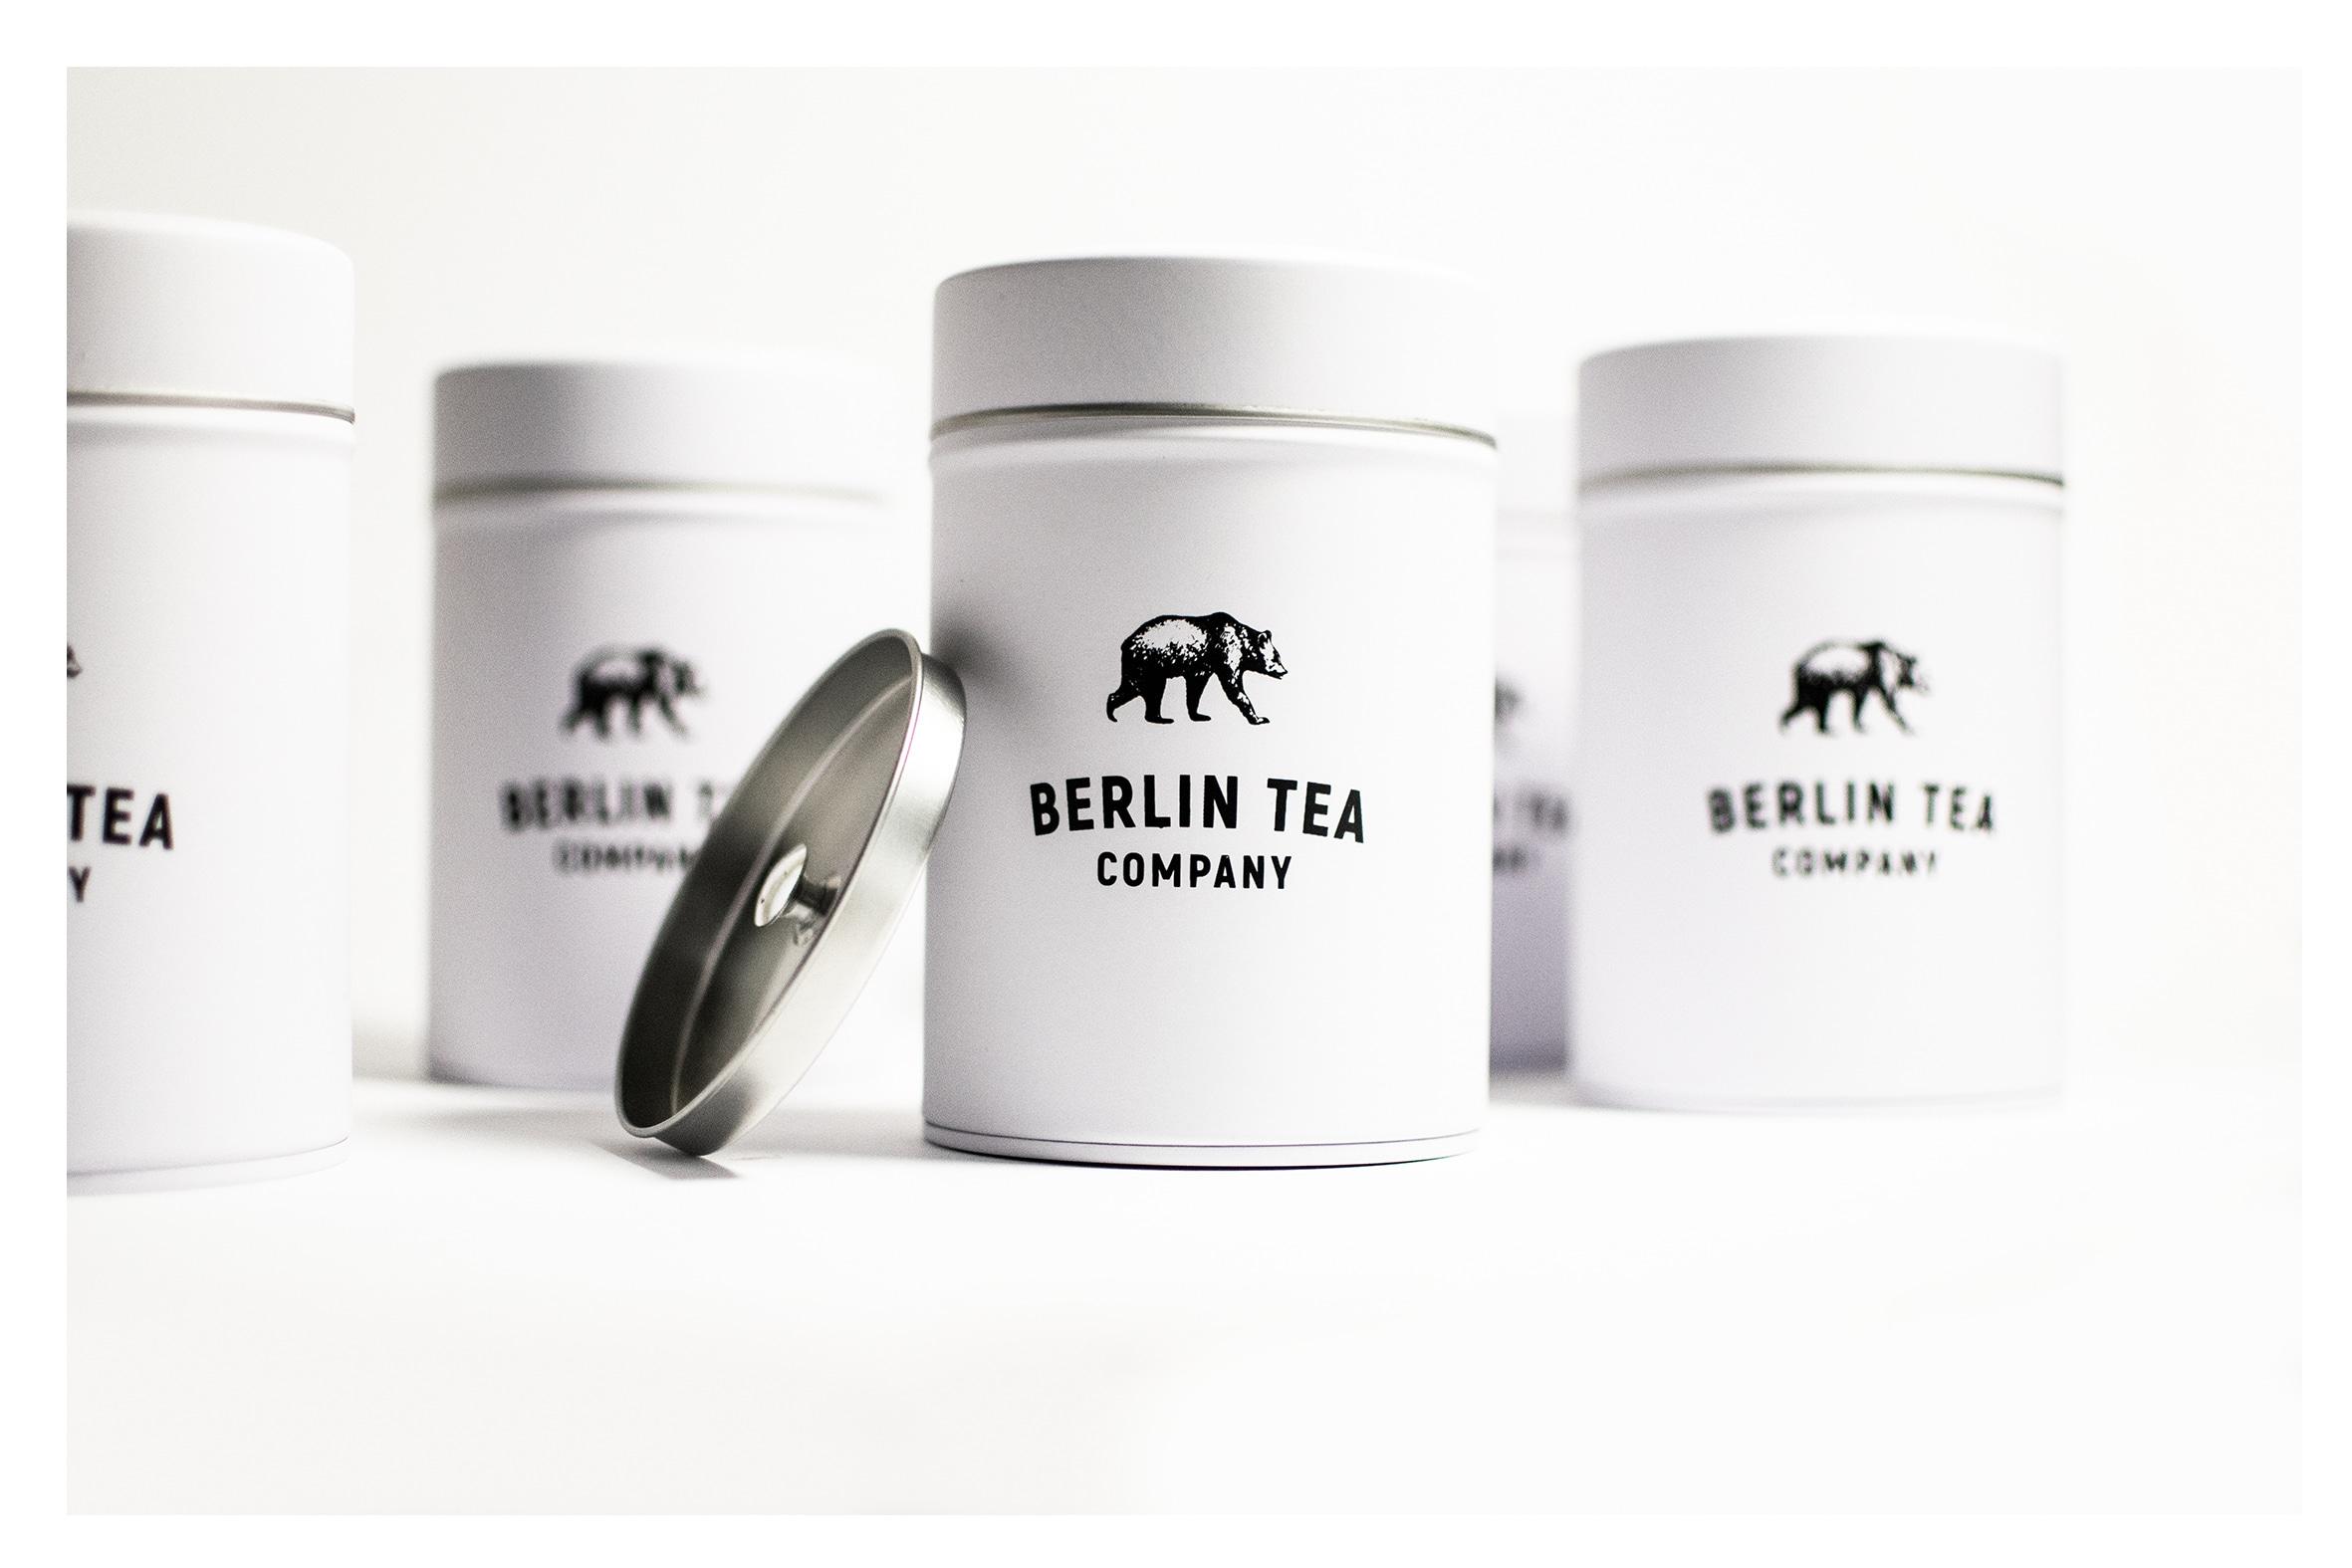 L'histoire de https://cdn.sensaterra.com/artisans/berlin-tea-company-717b0088-28bf-e6ed-ca44-08d8d42d129d.jpg